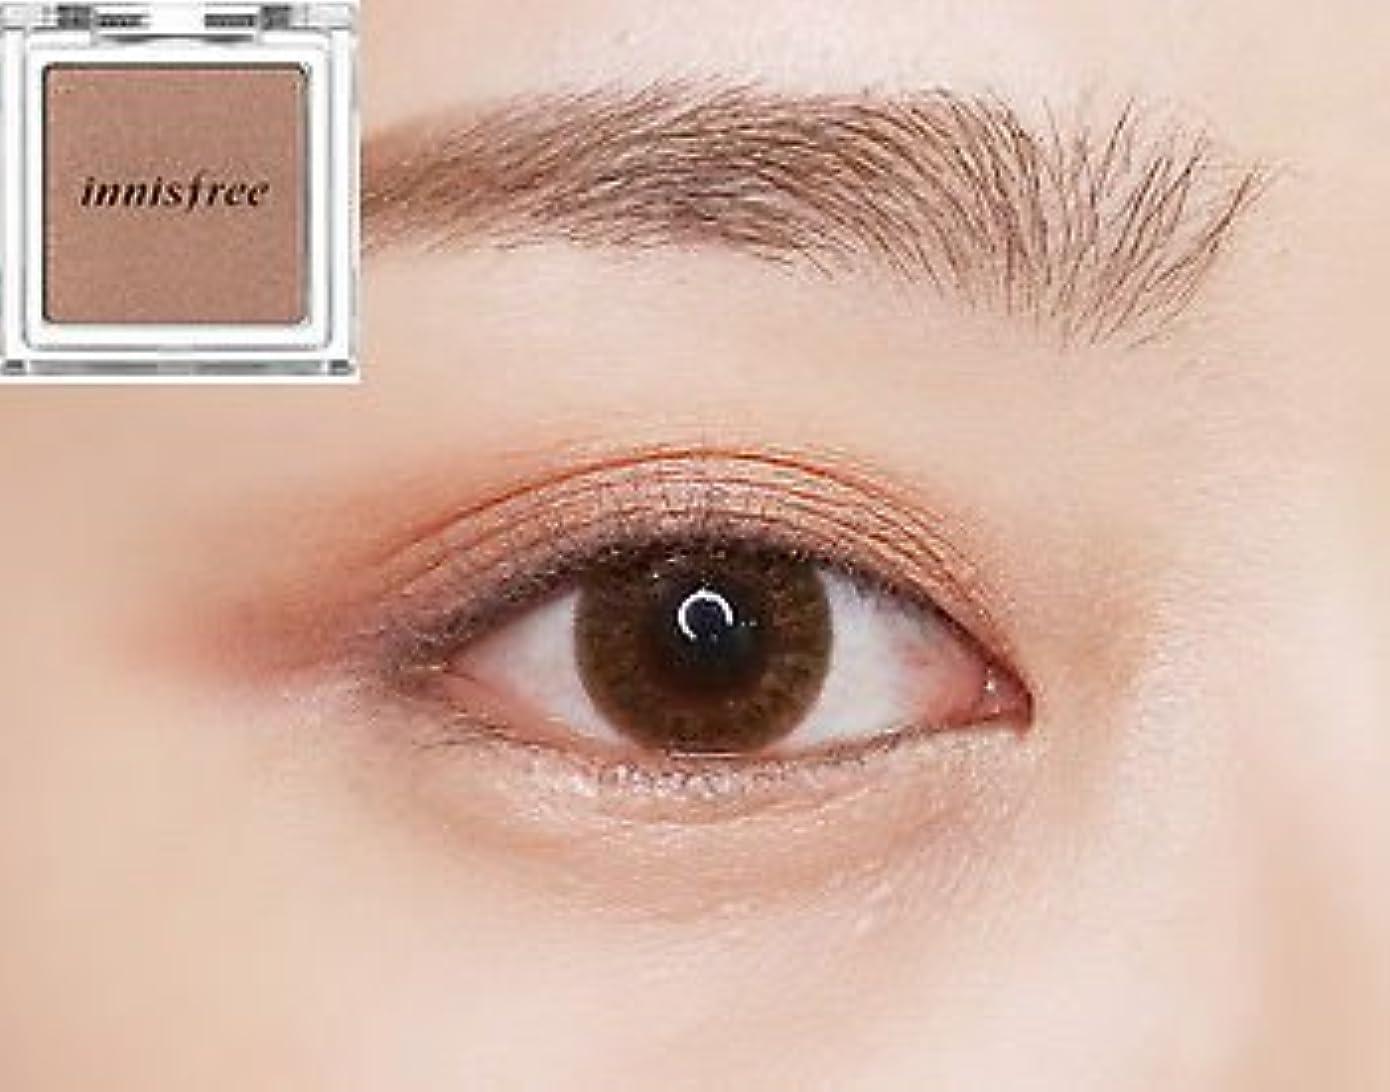 リース可聴ベイビー[イニスフリー] innisfree [マイ パレット マイ アイシャドウ (シマ一) 39カラー] MY PALETTE My Eyeshadow (Shimmer) 39 Shades [海外直送品] (シマ一 #04)